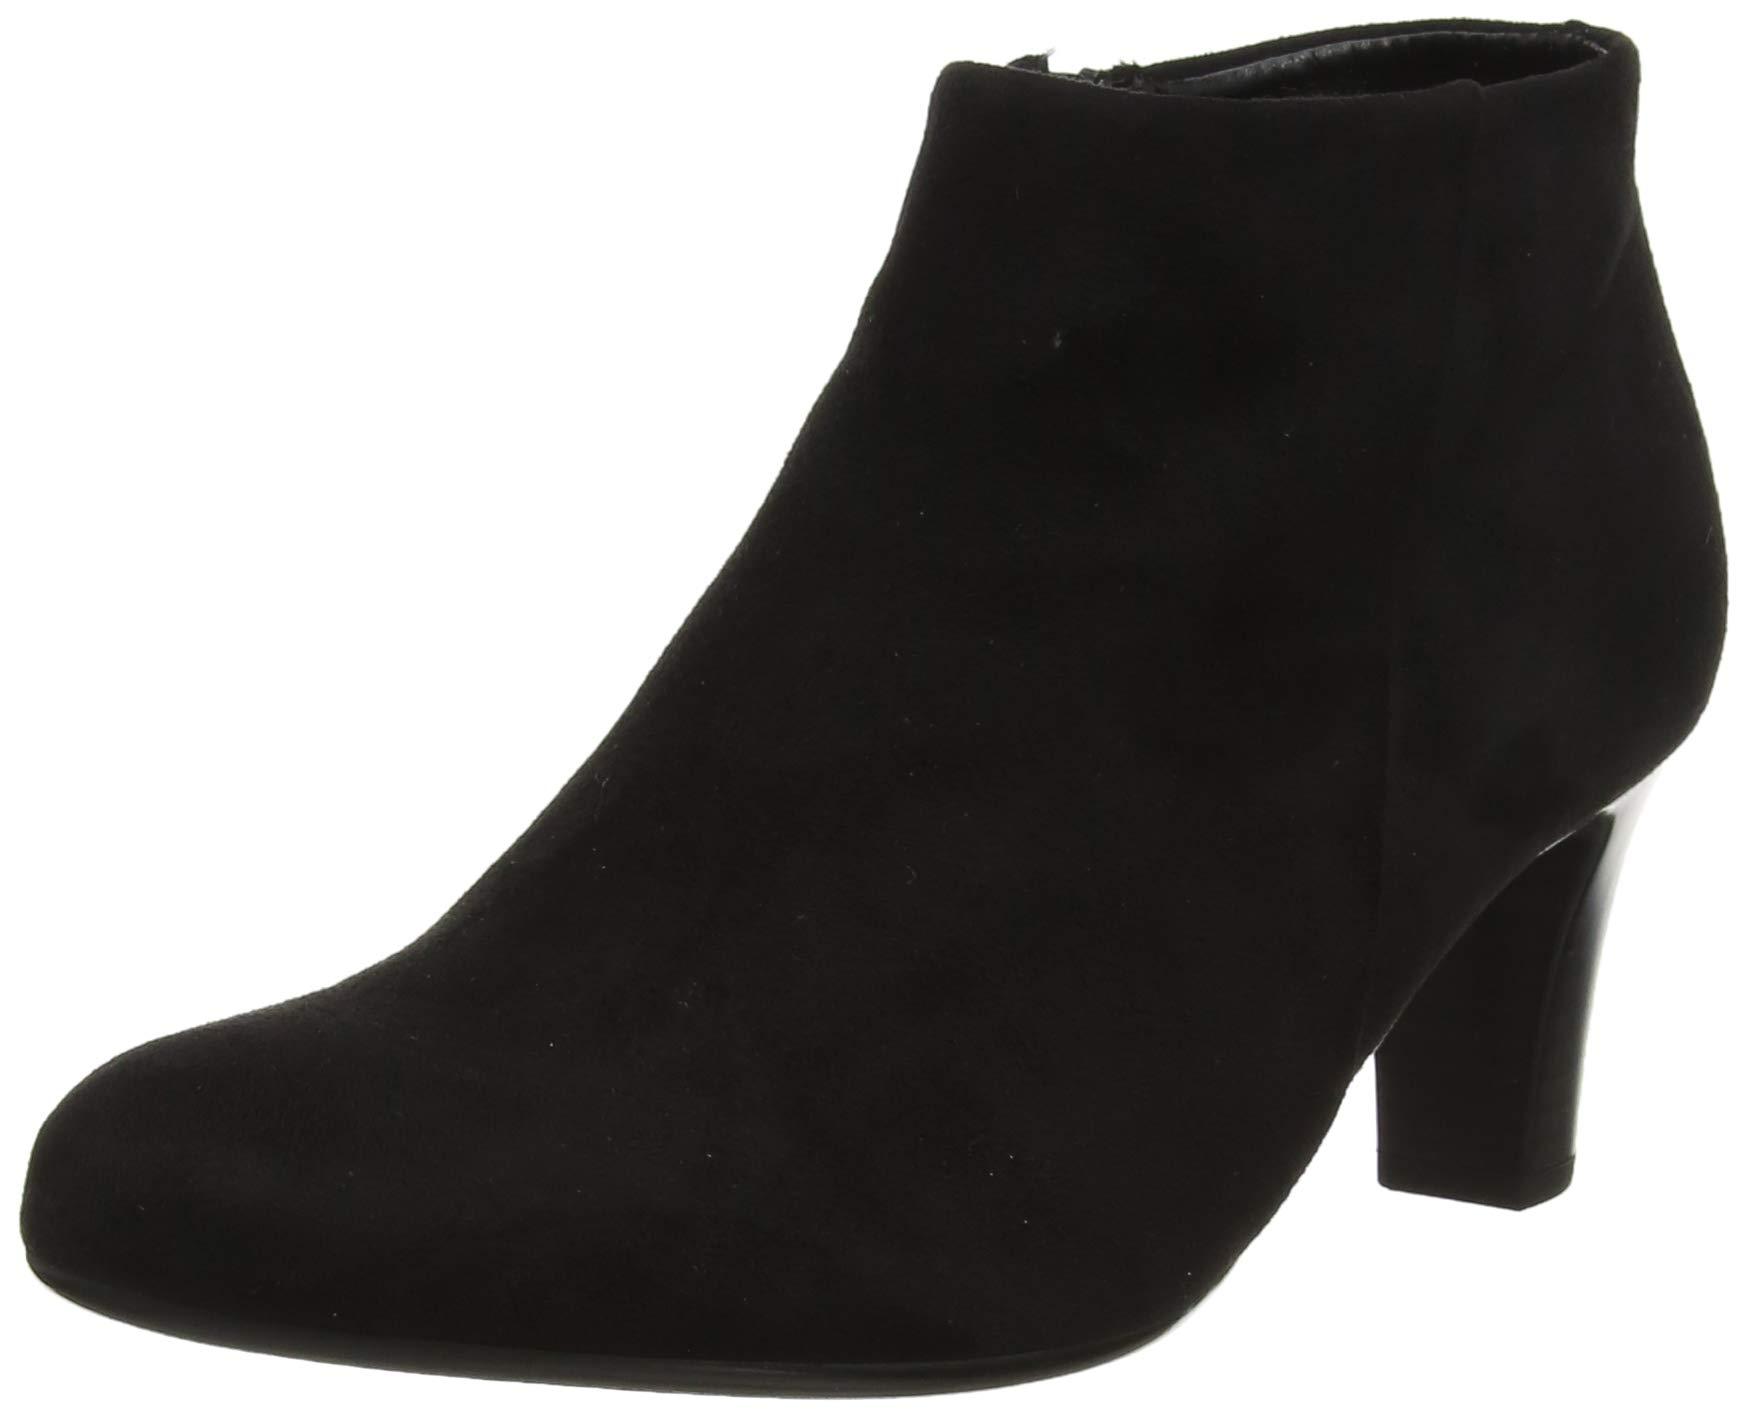 4738 Gabor Eu FemmeNoirschwarz 5 BasicBotines Shoes BdexrCo